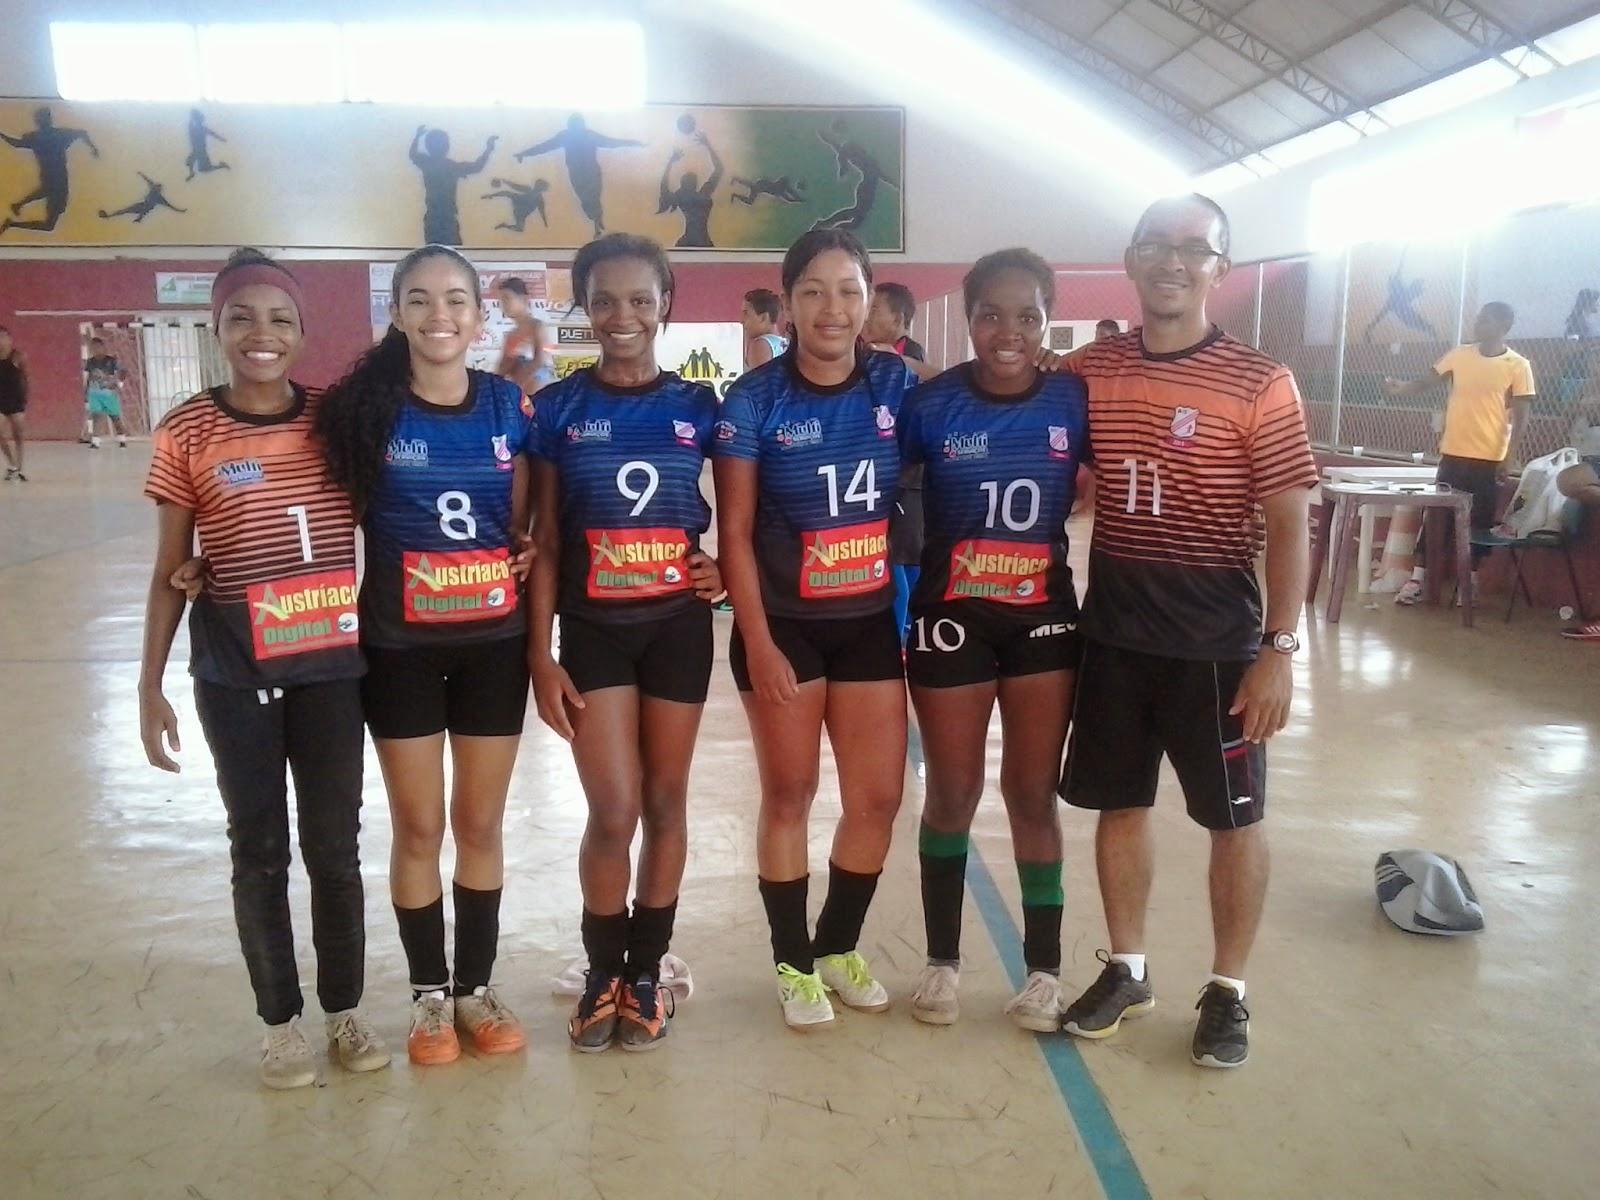 afd3861103af8 Esporte Codoense  B11 estréia uniforme e vence o III Torneio Amantes do Futsal  Feminino